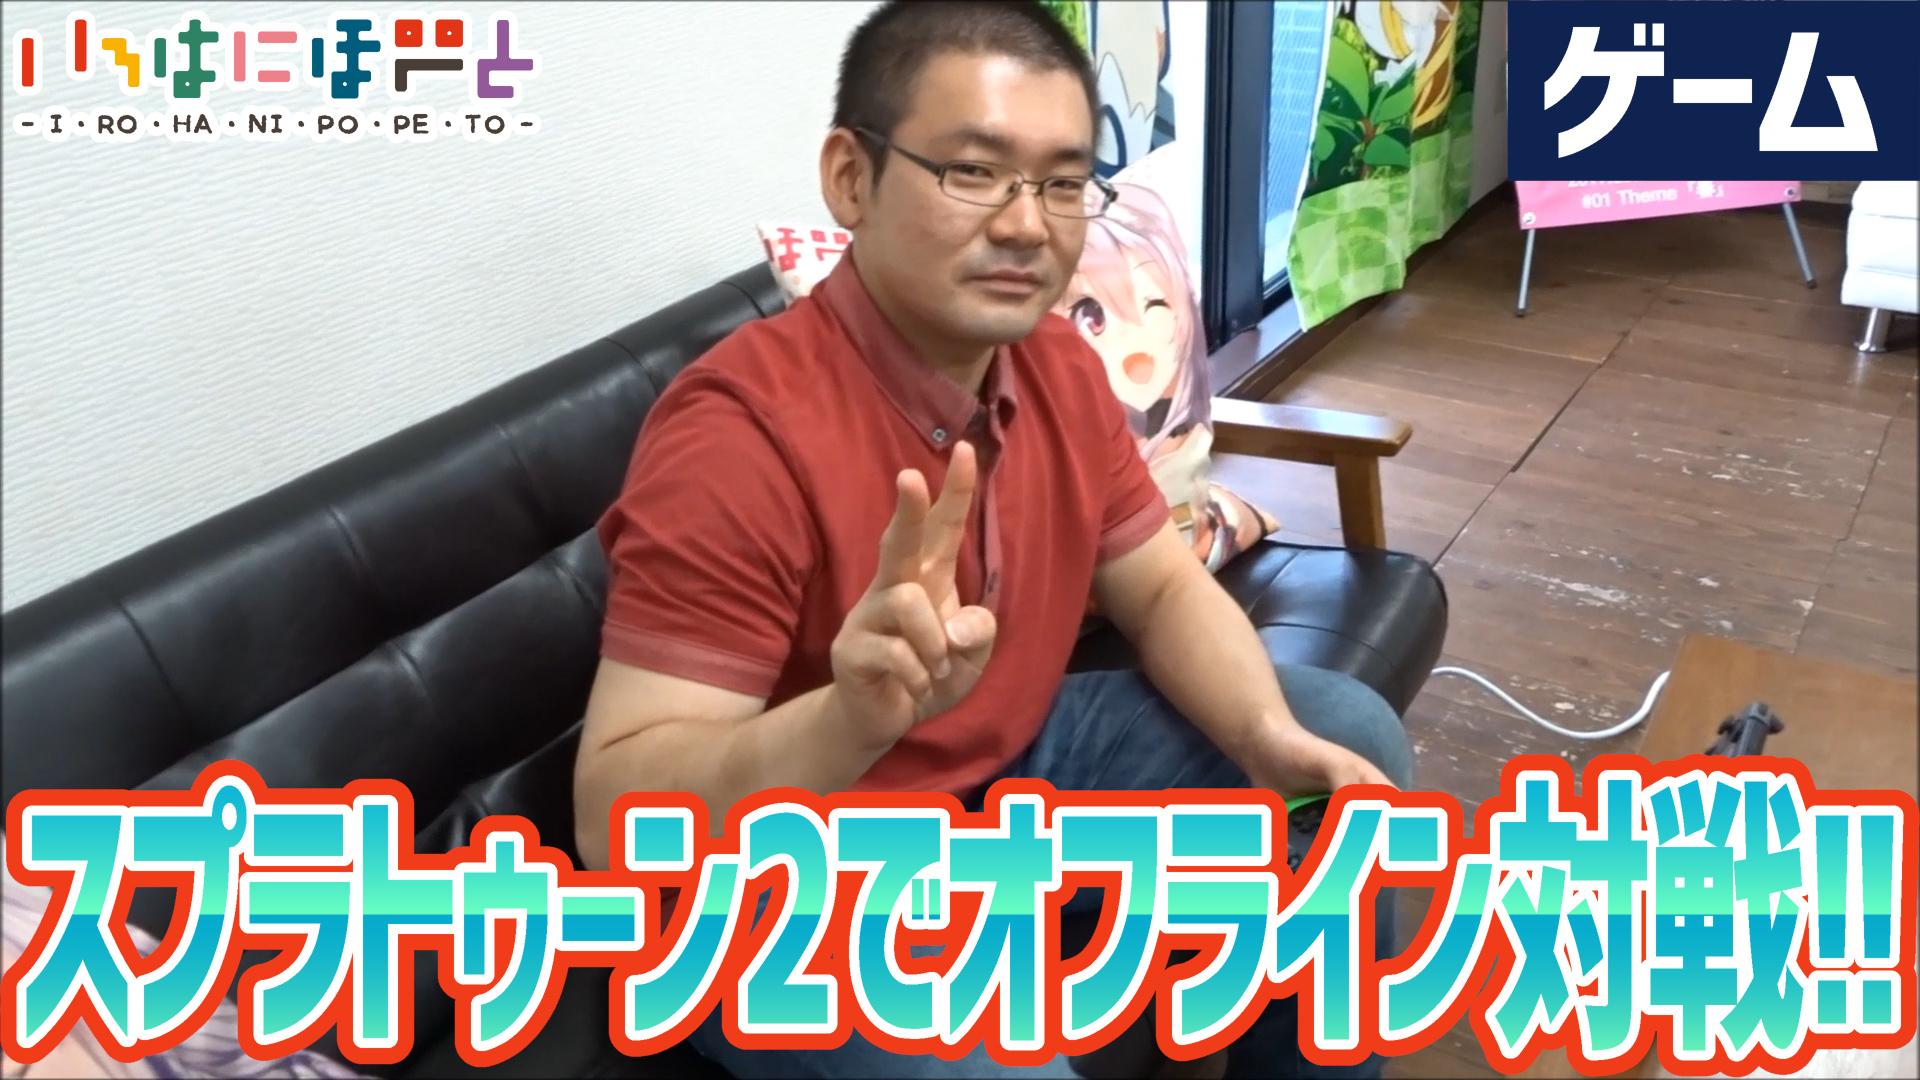 スプラトゥーン2でオフライン対戦!!